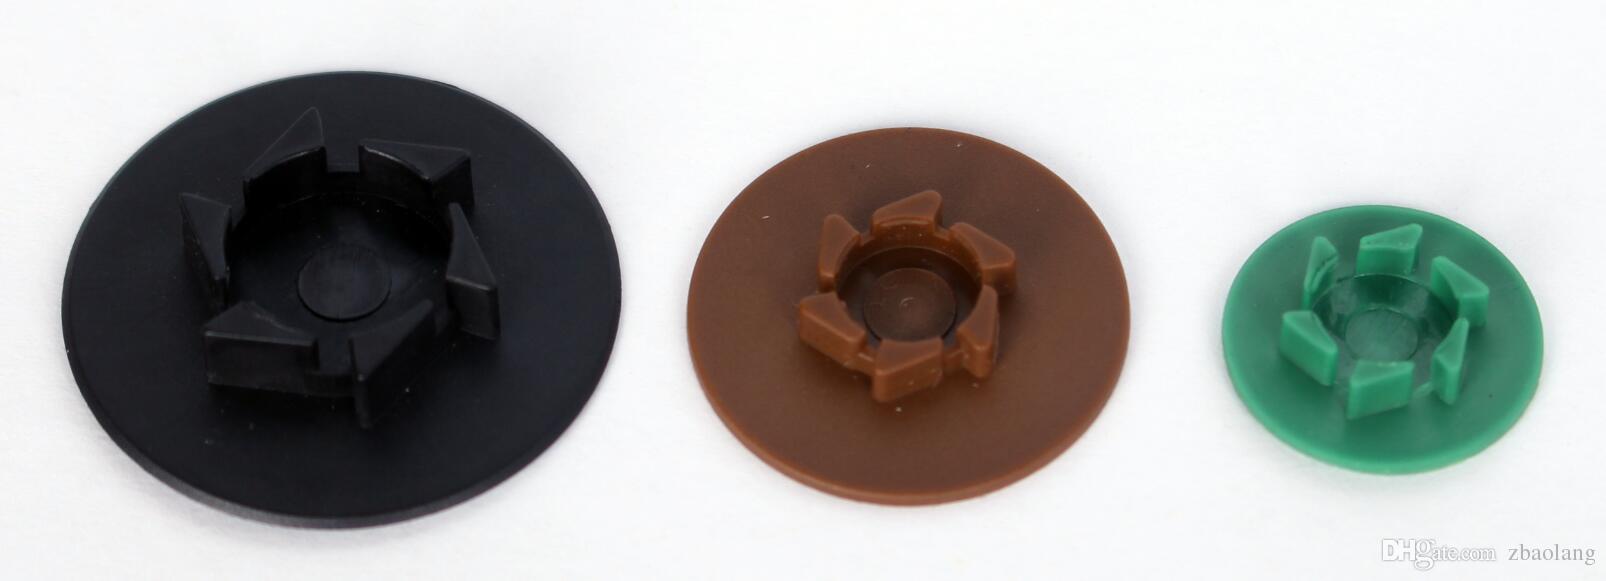 10000pcs / CTN 30mm Cambio rápido Discecto botón de plástico / abrasivo